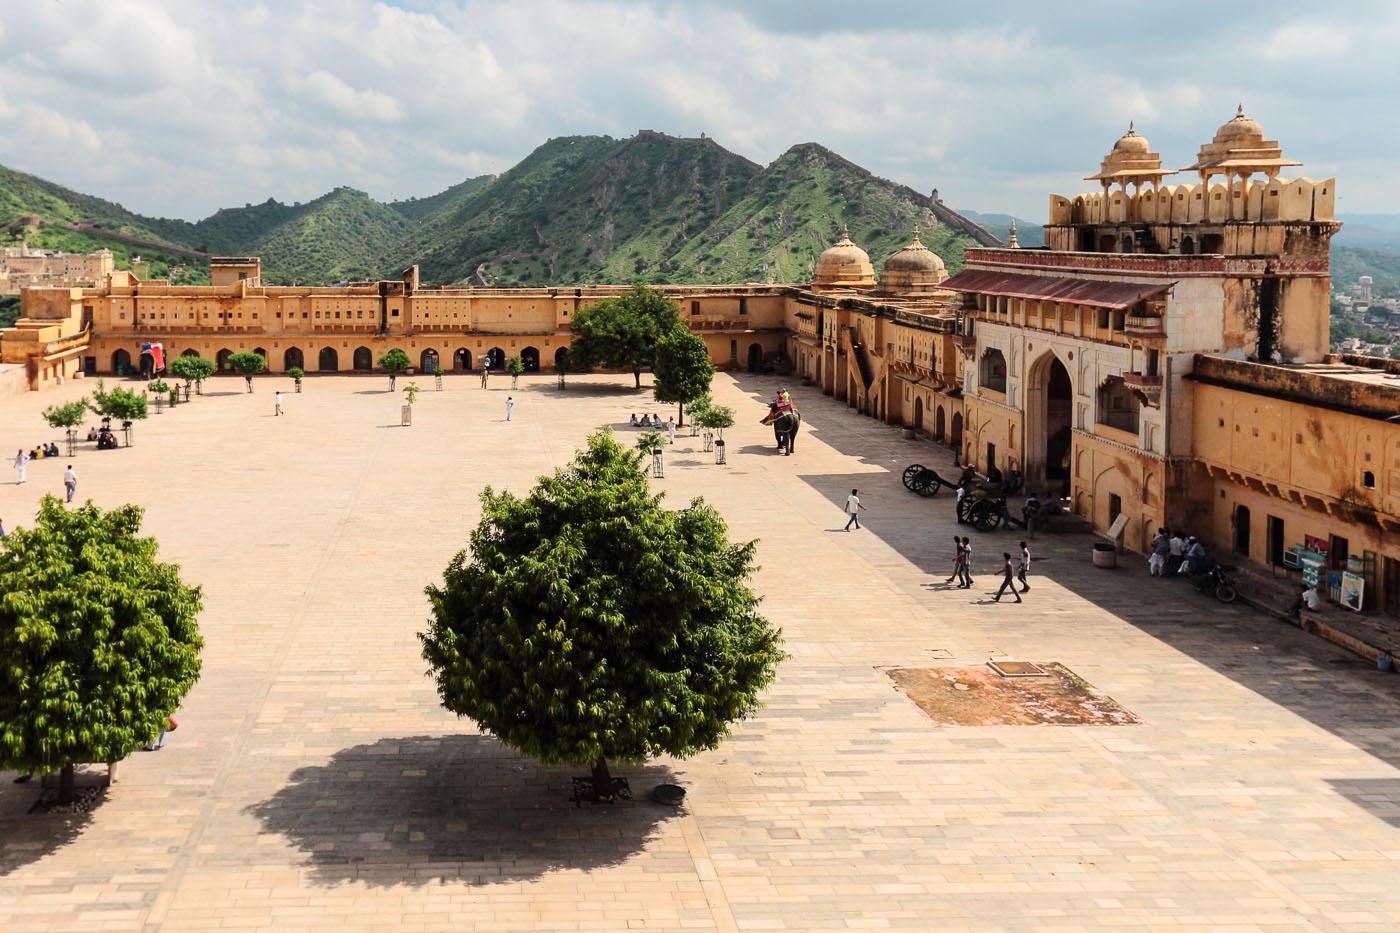 Фотография 8. Туры в Индию. Отчет об экскурсии по Золотому треугольнику. Стены Amber Fort в городе Джайпур